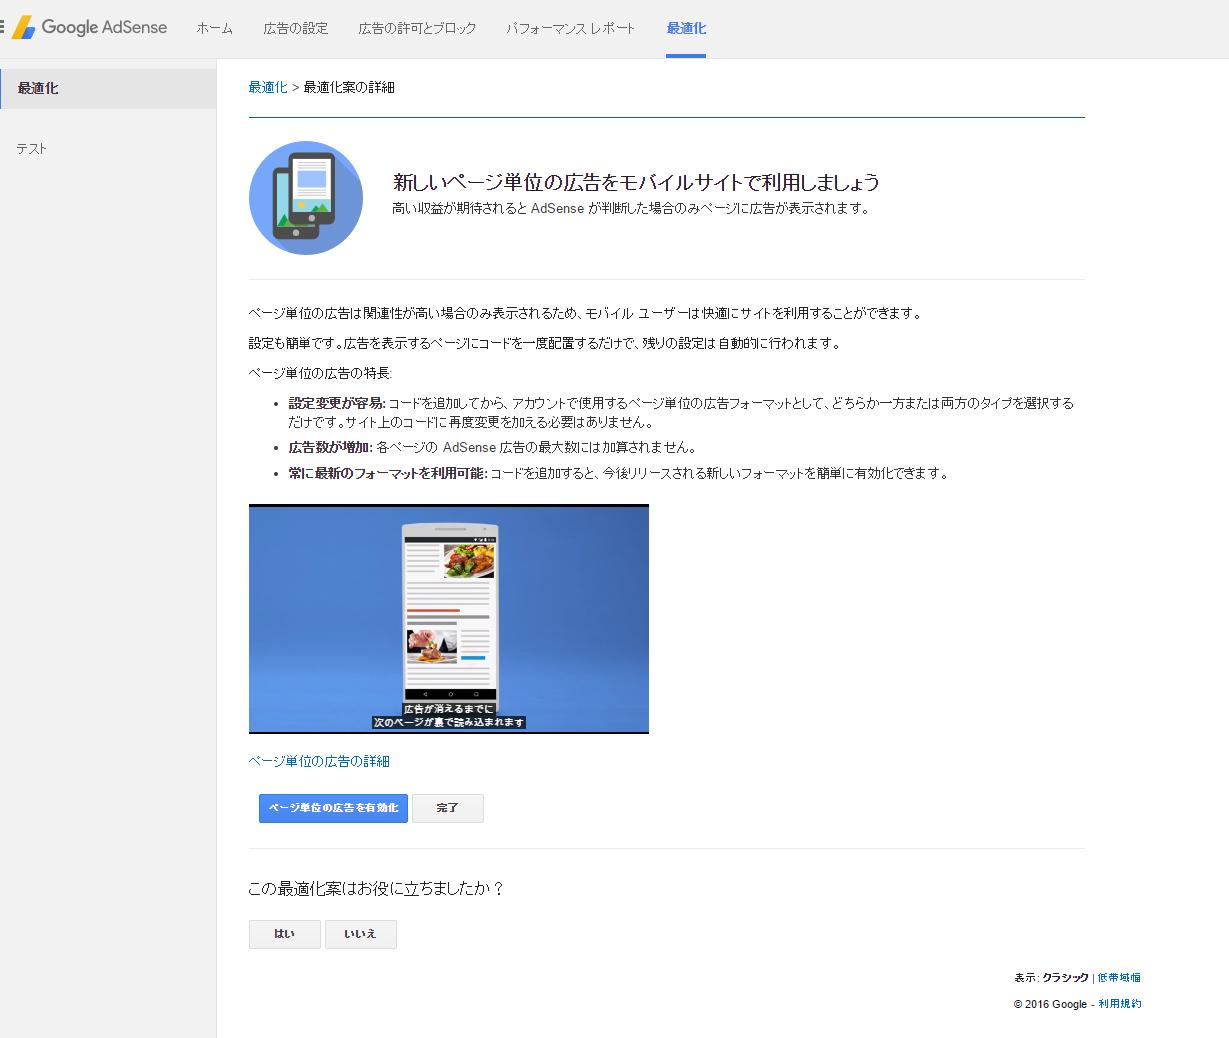 新しいページ単位の広告をモバイルサイトで利用しましょう